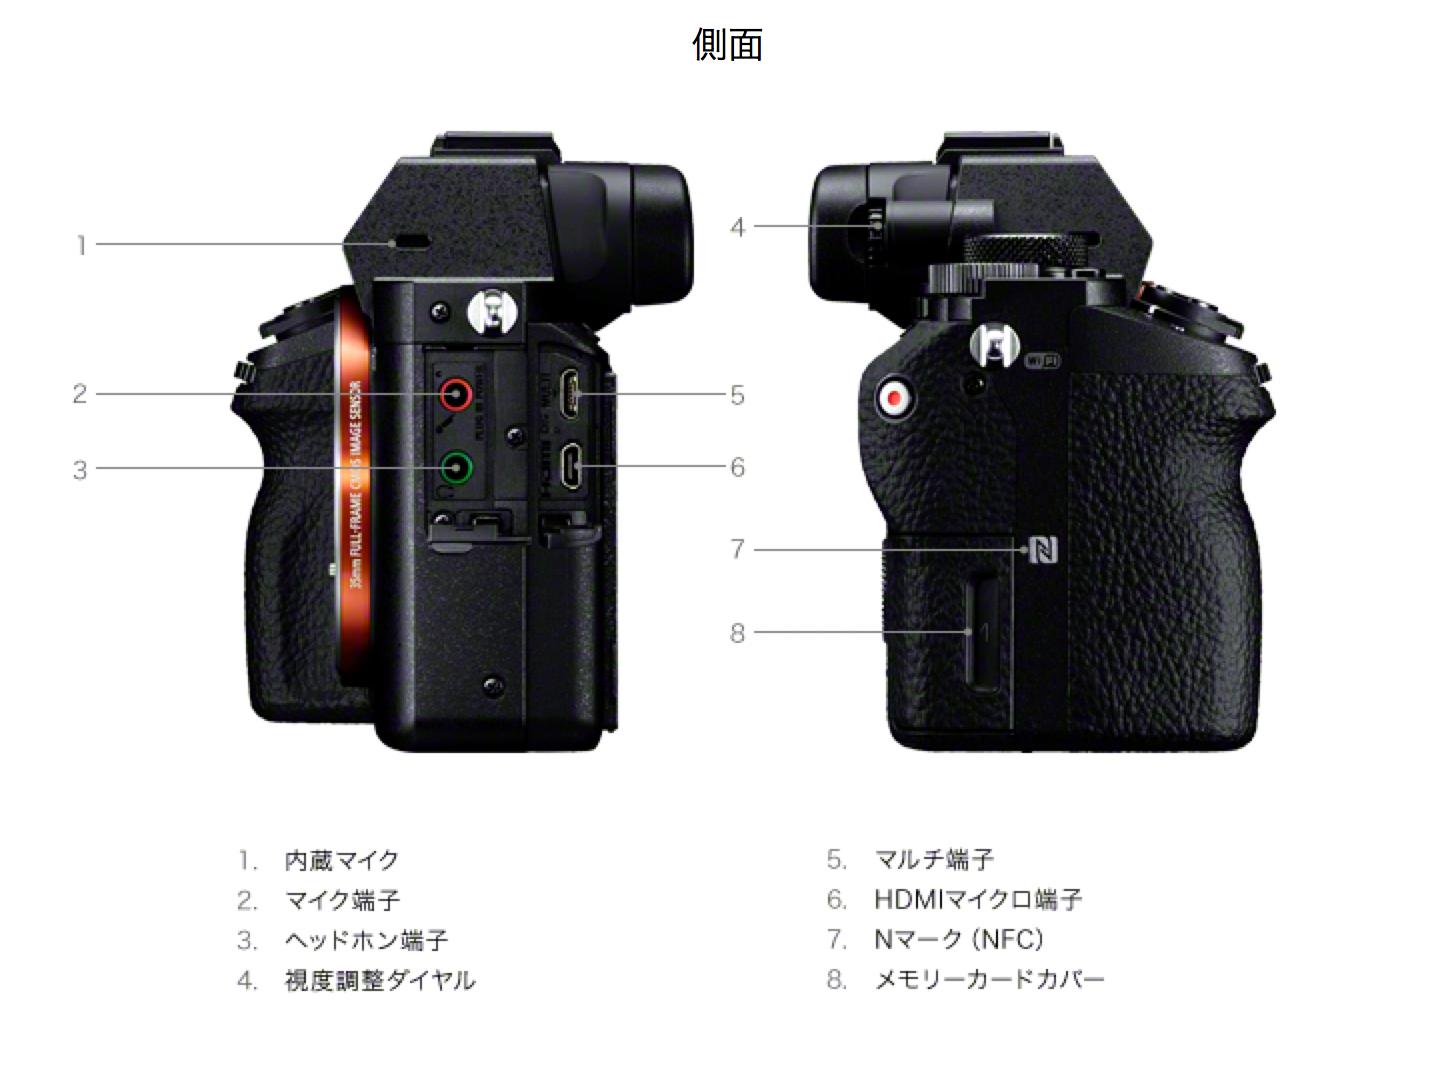 Sony A7 II (có thể) đã được ra mắt !!? - 44499